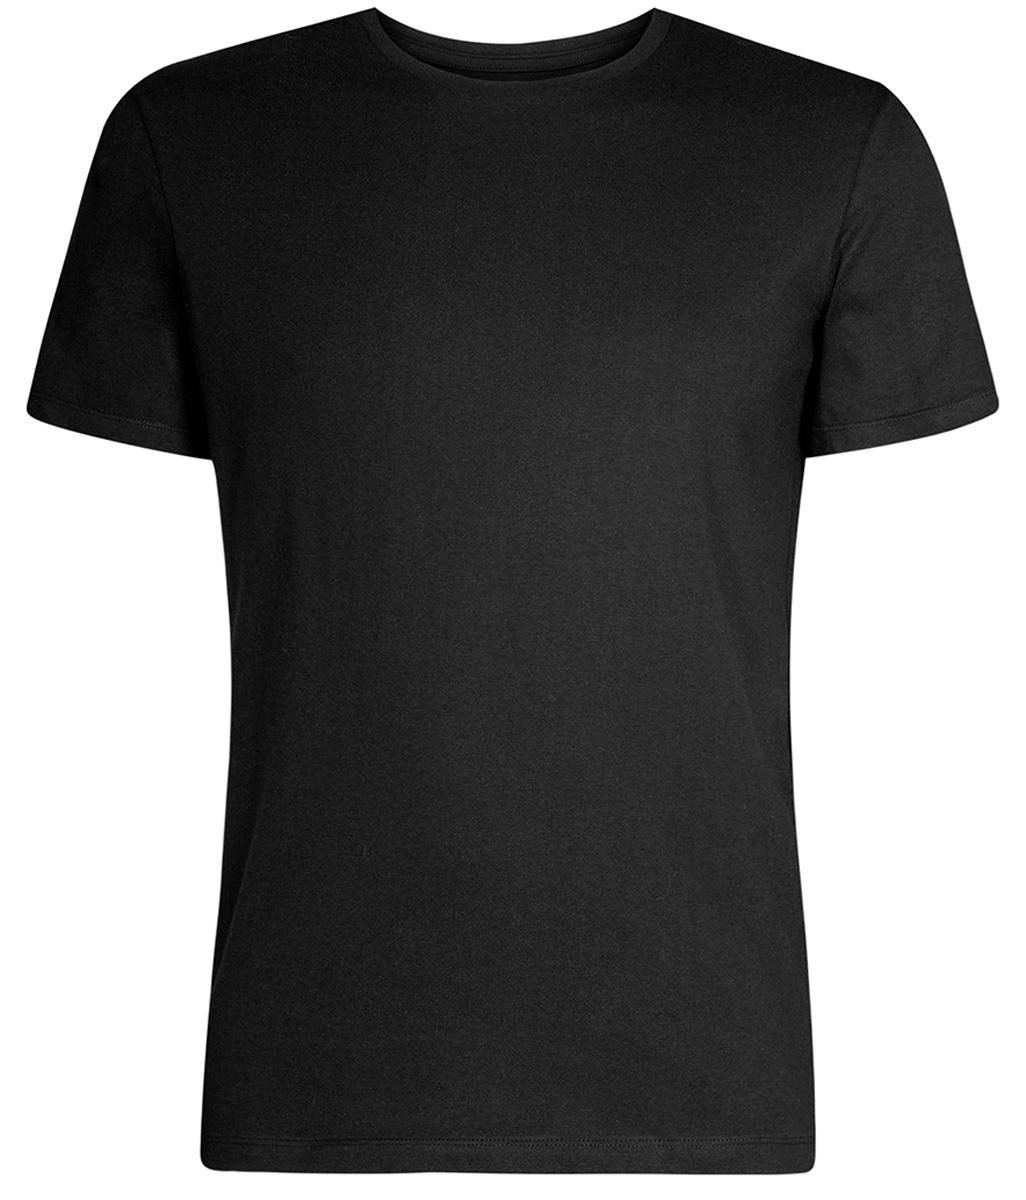 Футболка мужская oodji Basic, цвет: черный. 5B611003M/44135N/2900N. Размер XS (44) майка мужская oodji basic цвет черный 5b710002m 44260n 2900n размер xs 44